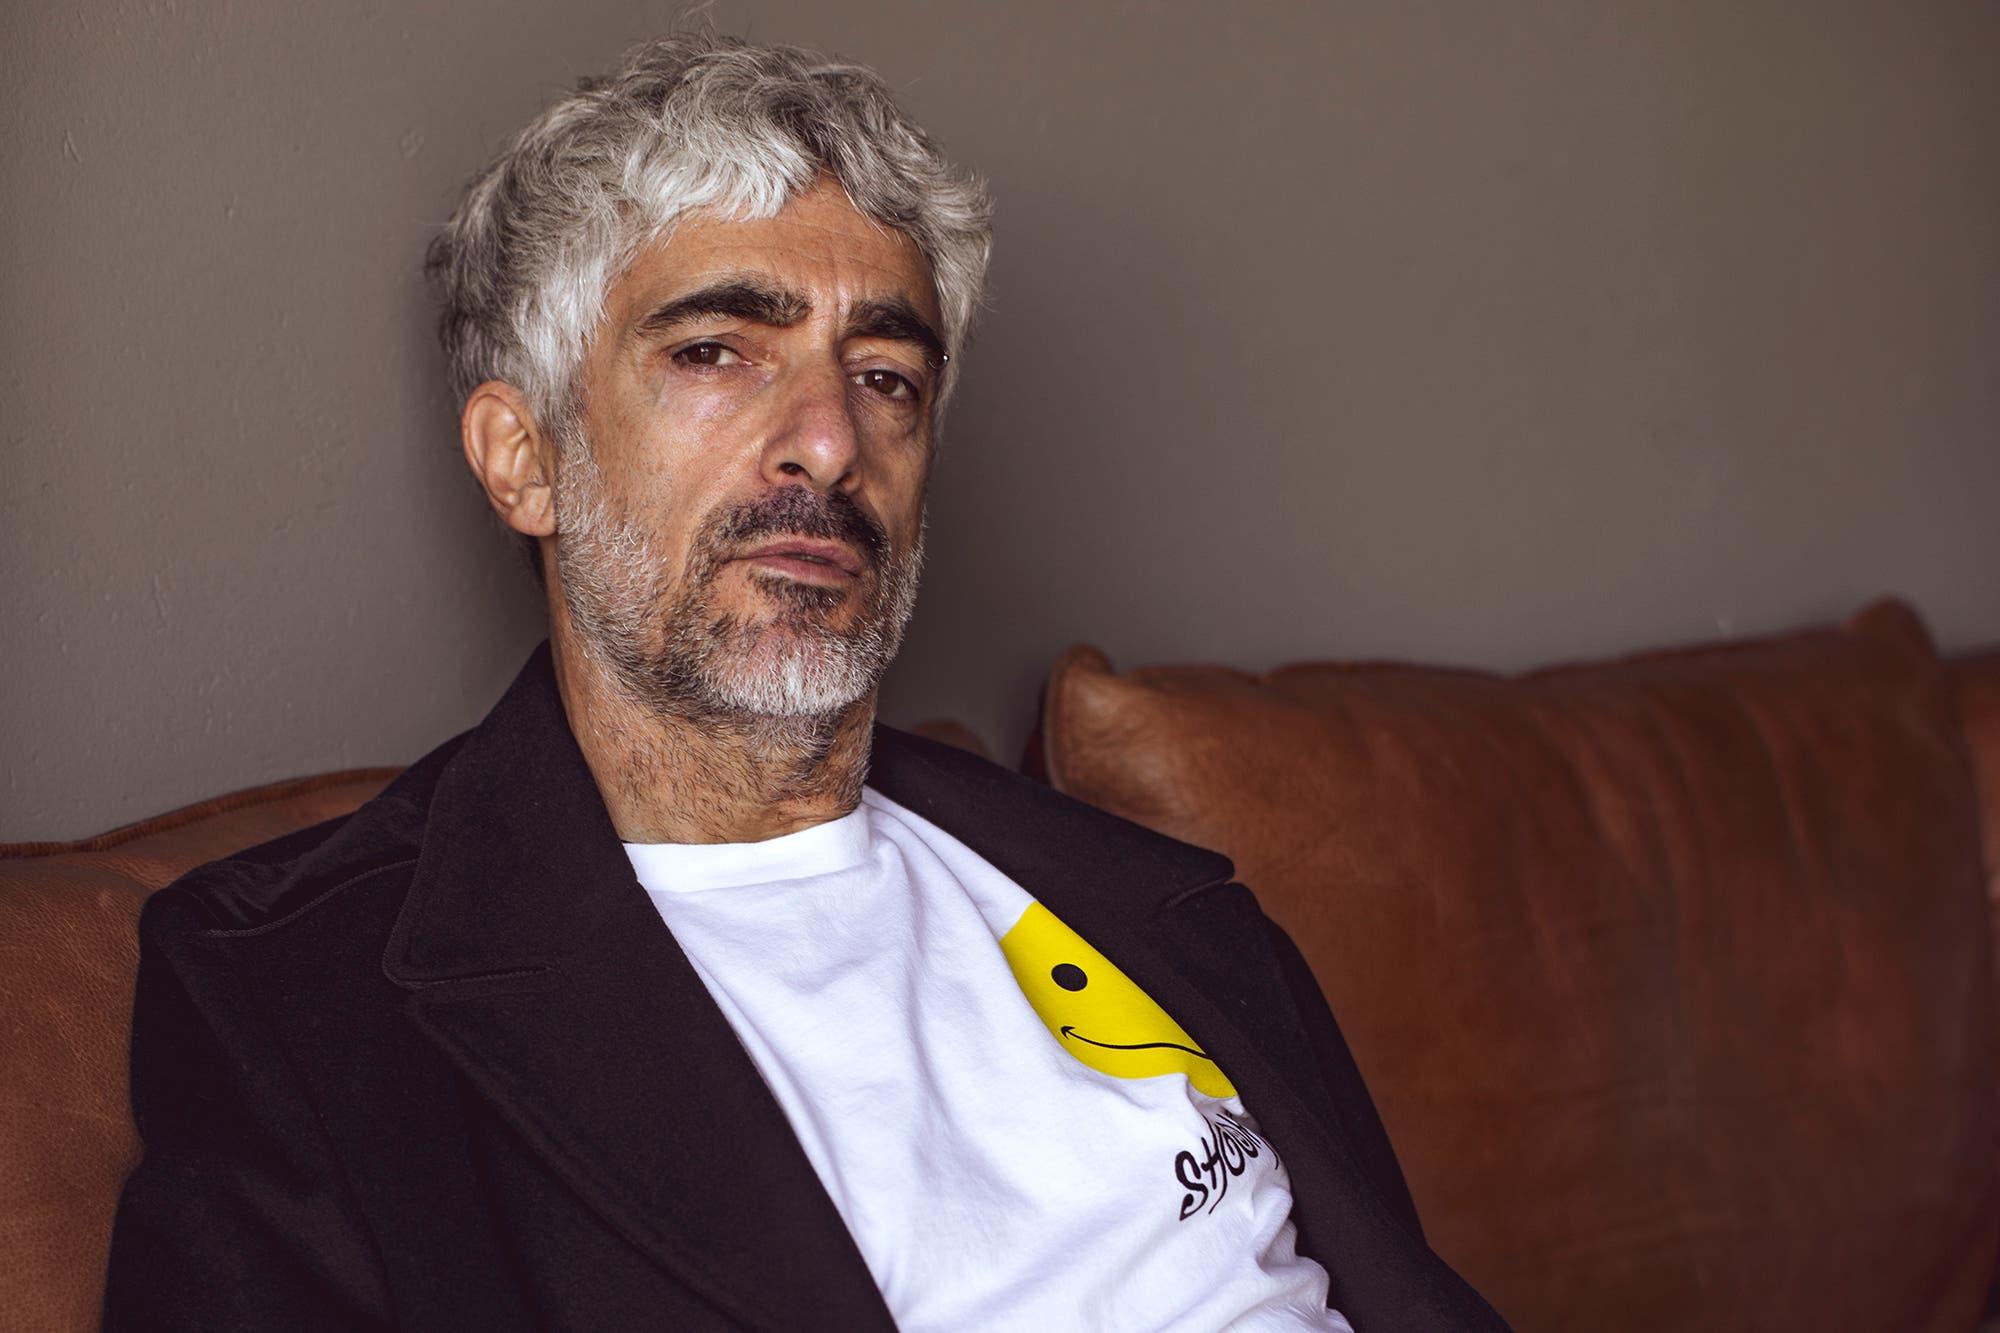 """Favio Posca: """"Yo siempre trabajo con la verdad, por eso decidí renunciar a Susana Giménez"""""""